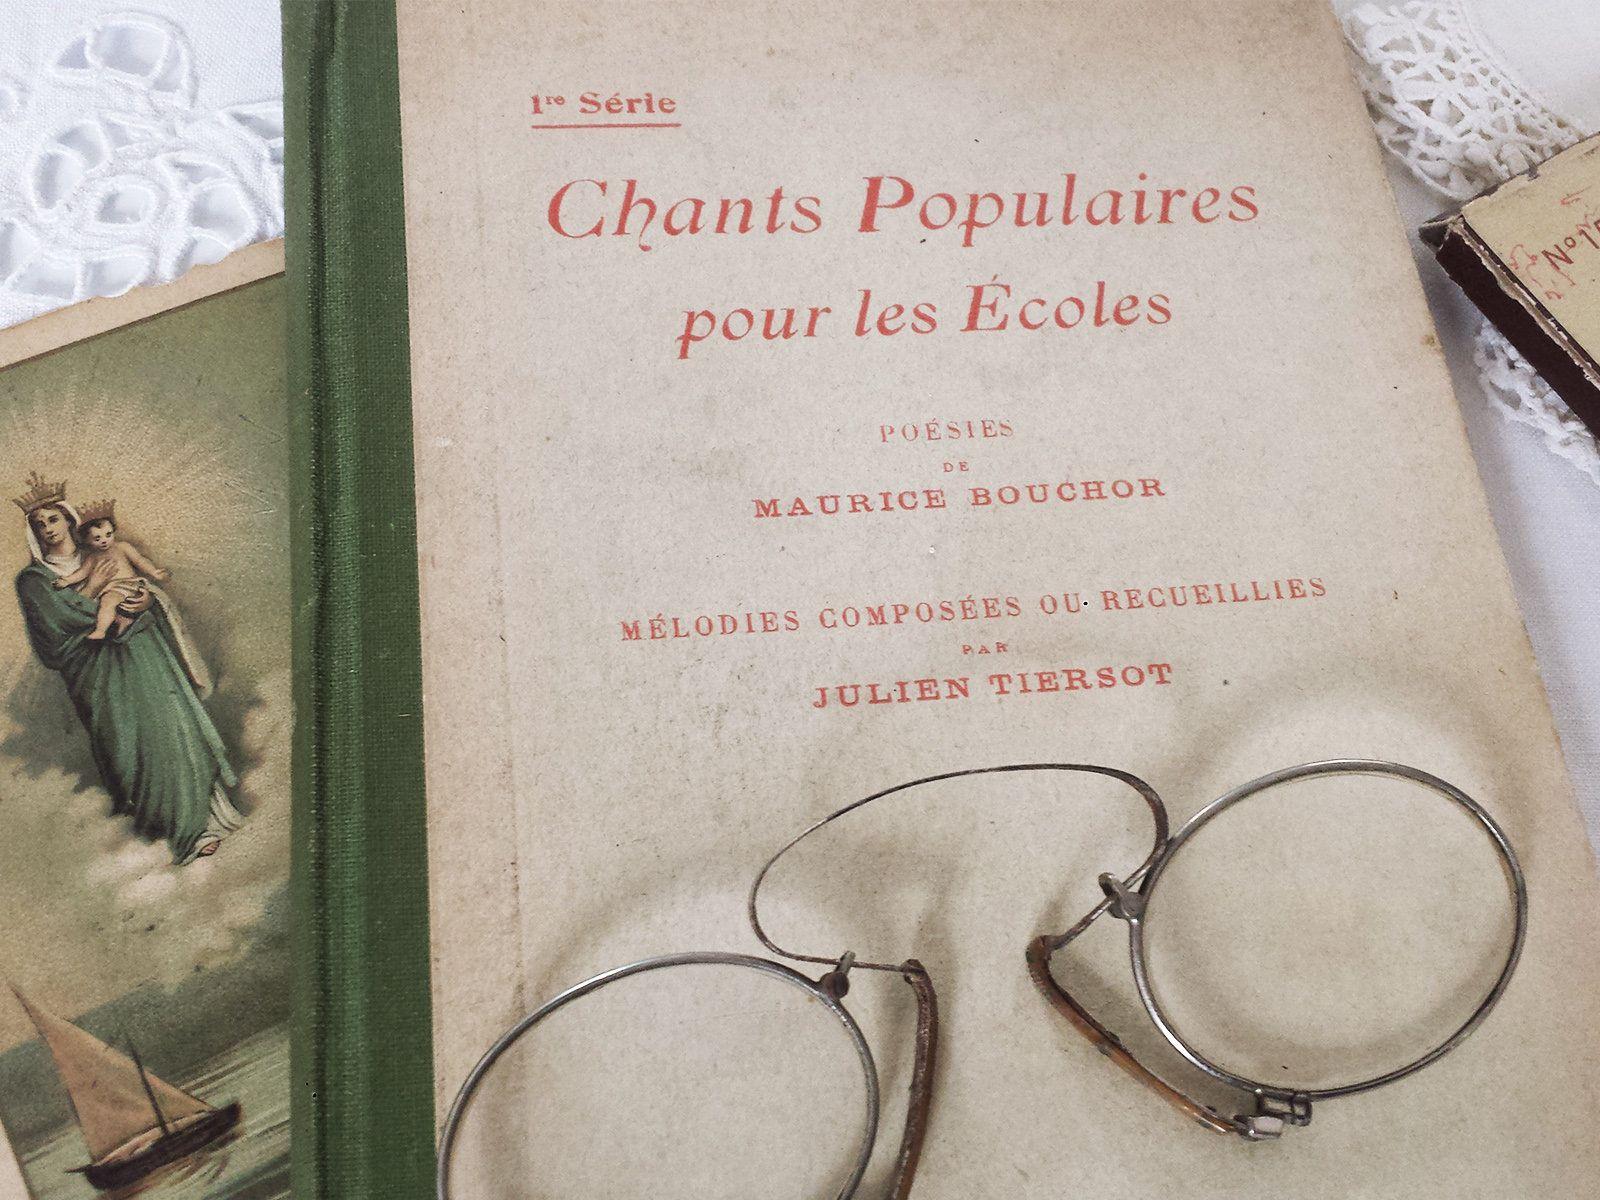 Livre Poesie Chant Vintage 1920 France Recueil Partitions Musique Scolaire Francais Enfant Ecole Ancien Vieux Objet Anti Fete Des Peres Partition Musique Chant